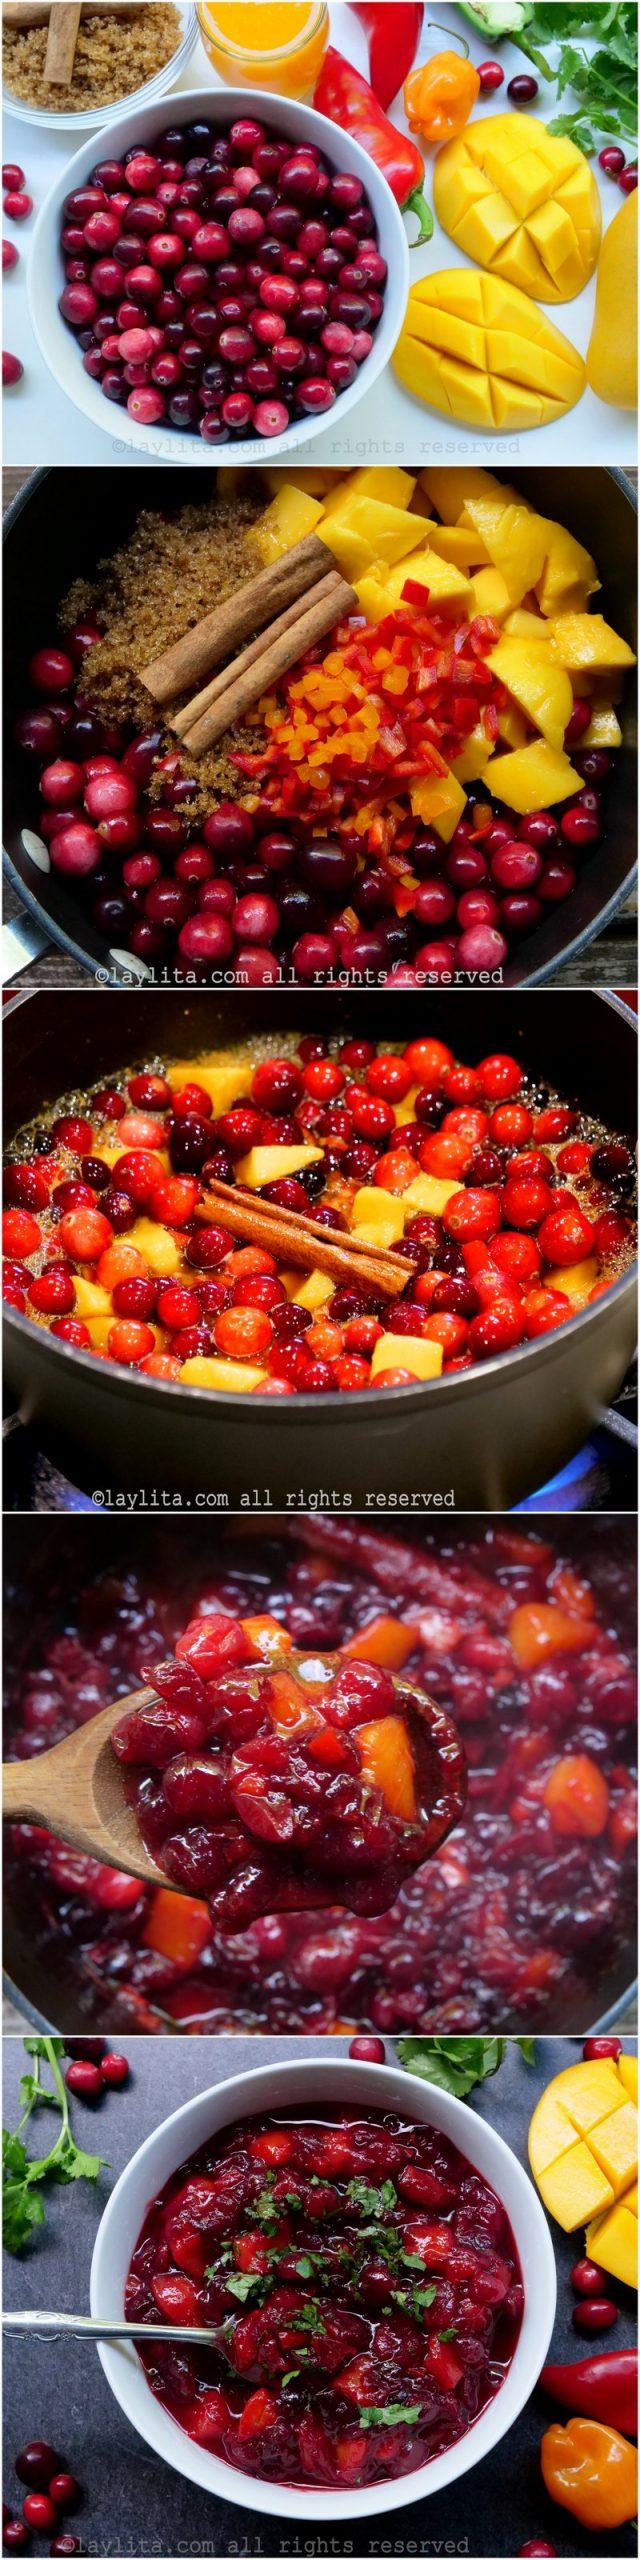 Homemade mango cranberry sauce preparation